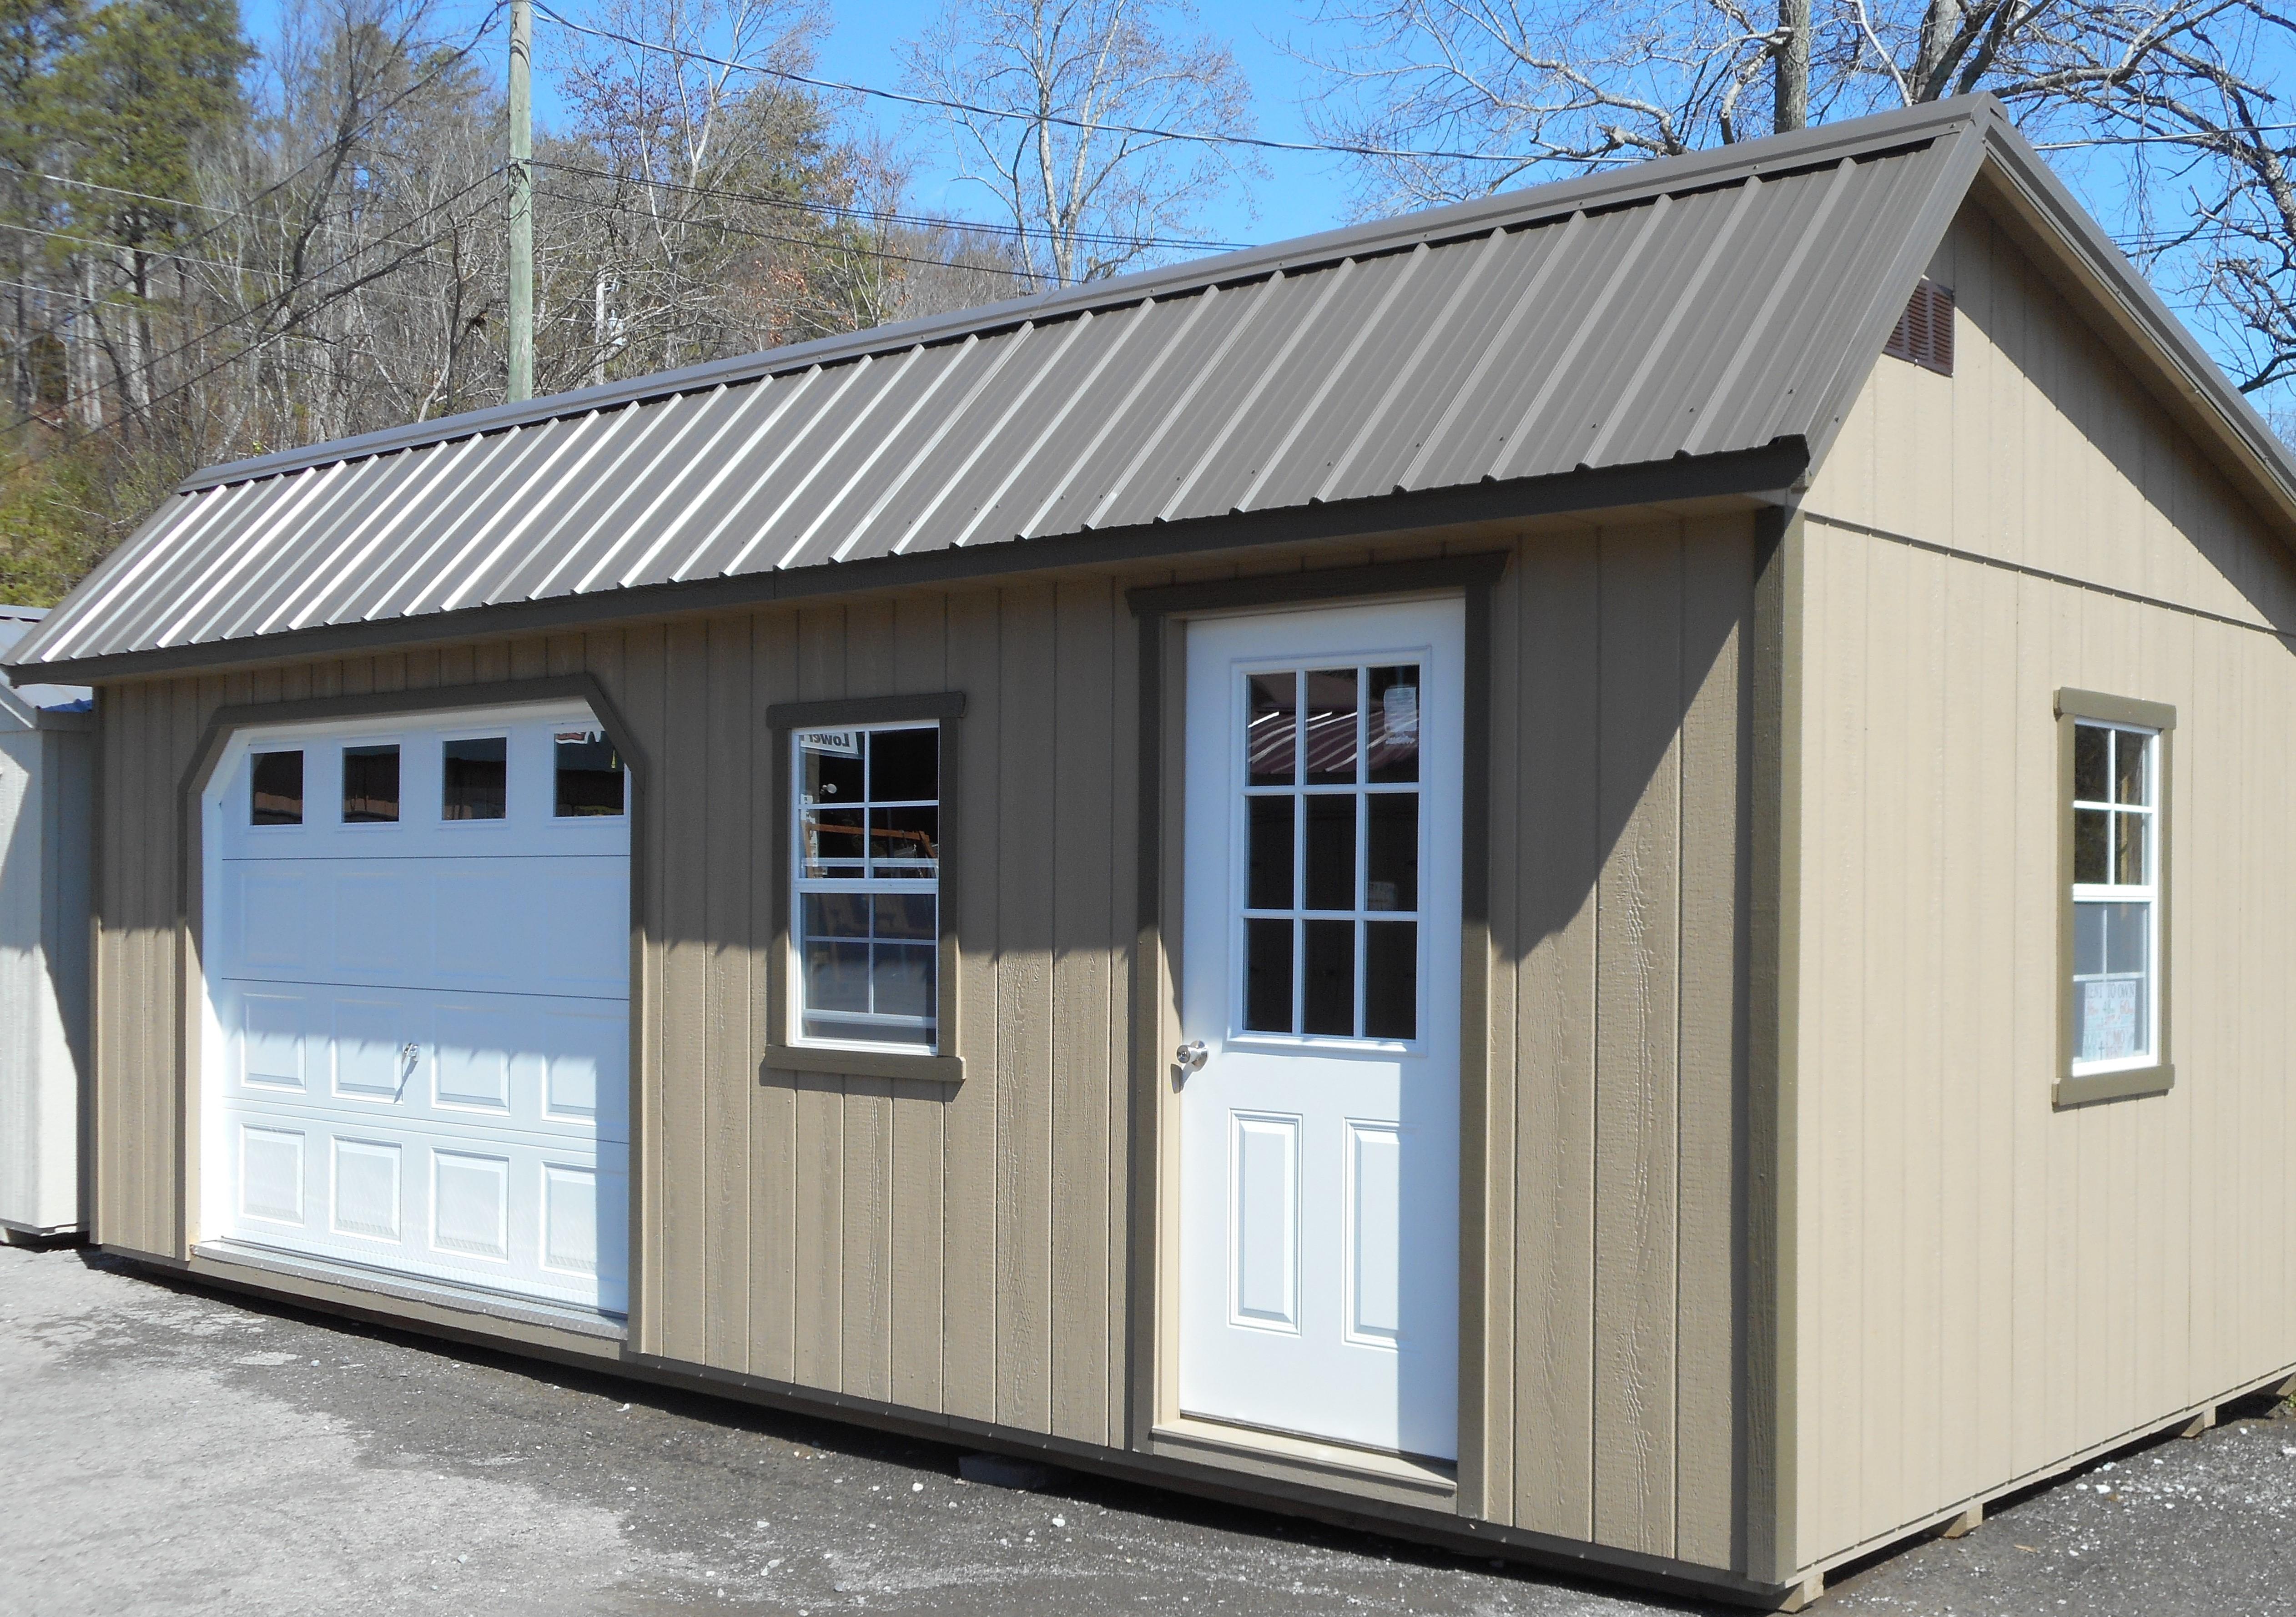 16x9 Garage Door Pricesermacore Steel Garage Doors 16 Foot